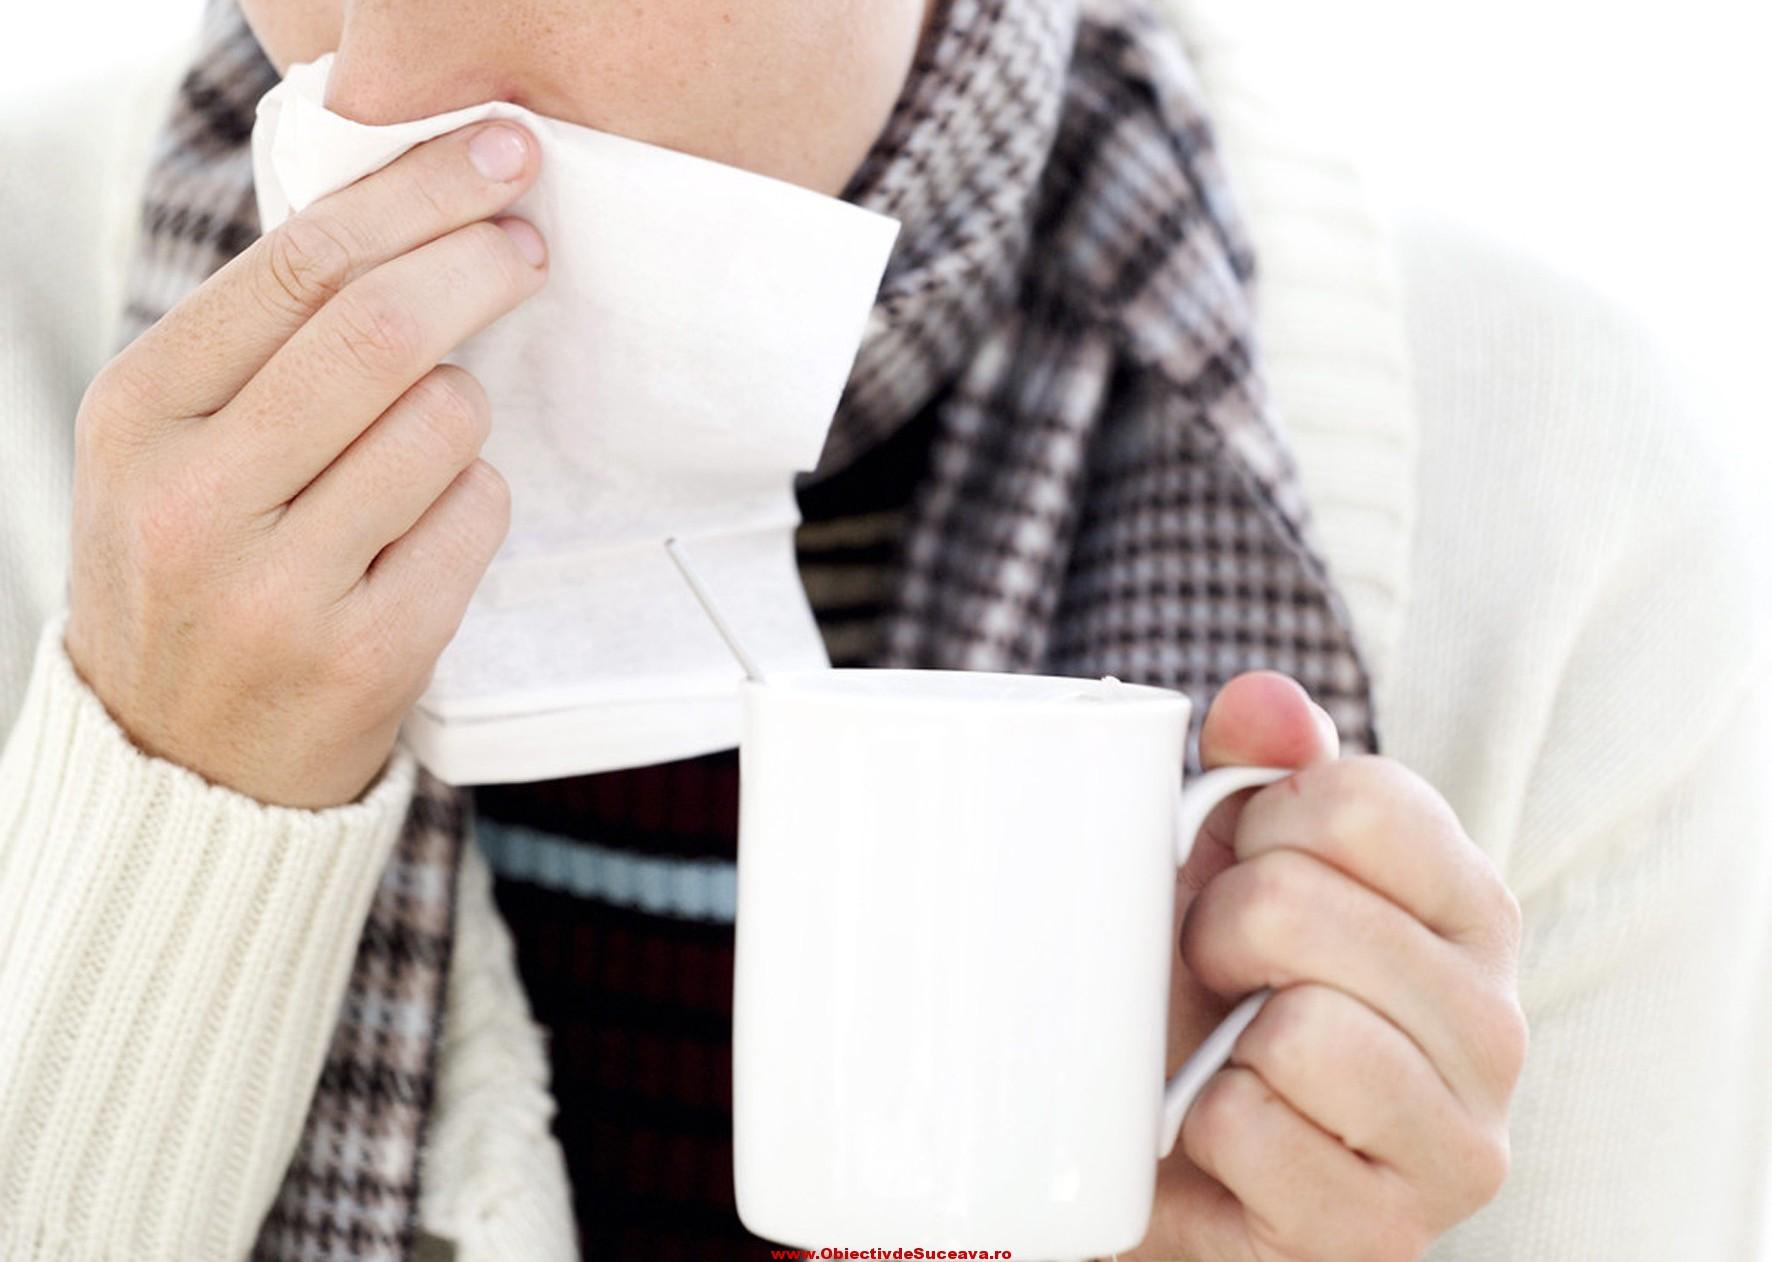 8 طرق لعلاج نزلات البرد والانفلونزا والوقاية منها